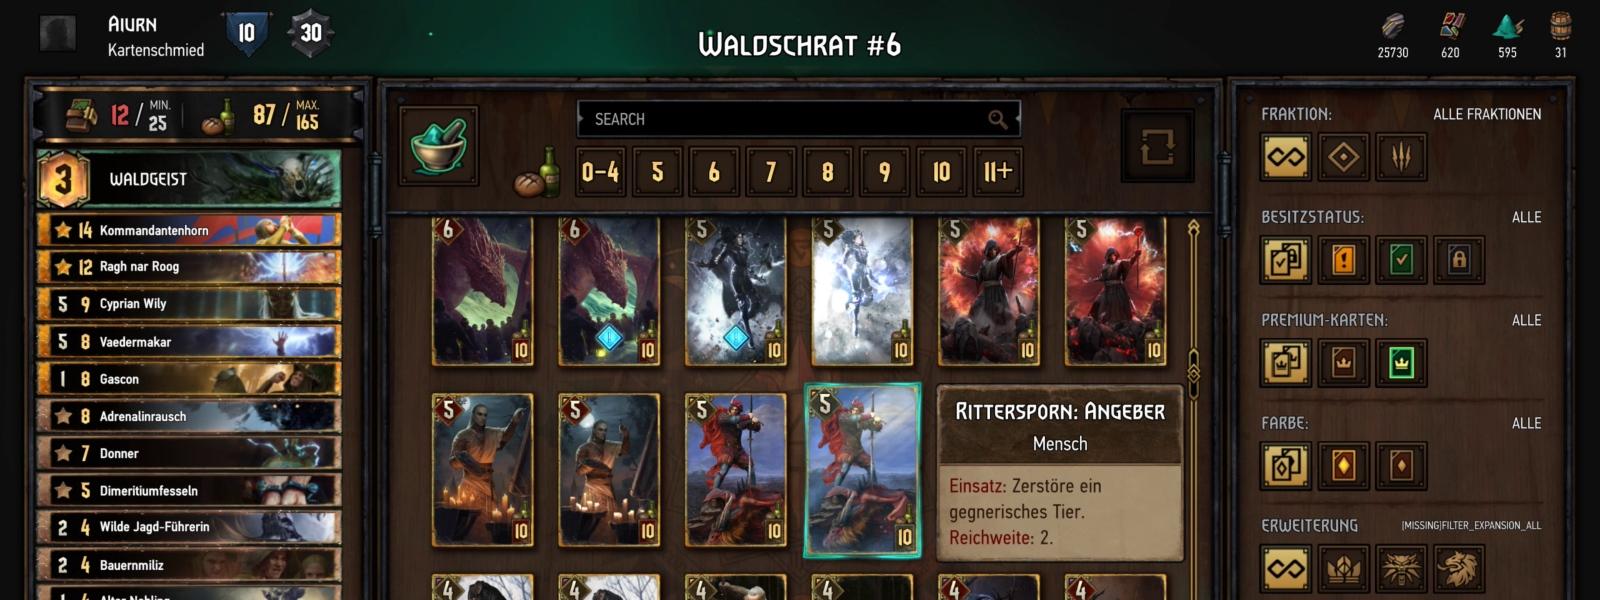 Der Spieler markiert beim Aufbau eines Decks im Deckbuilder eine Karte